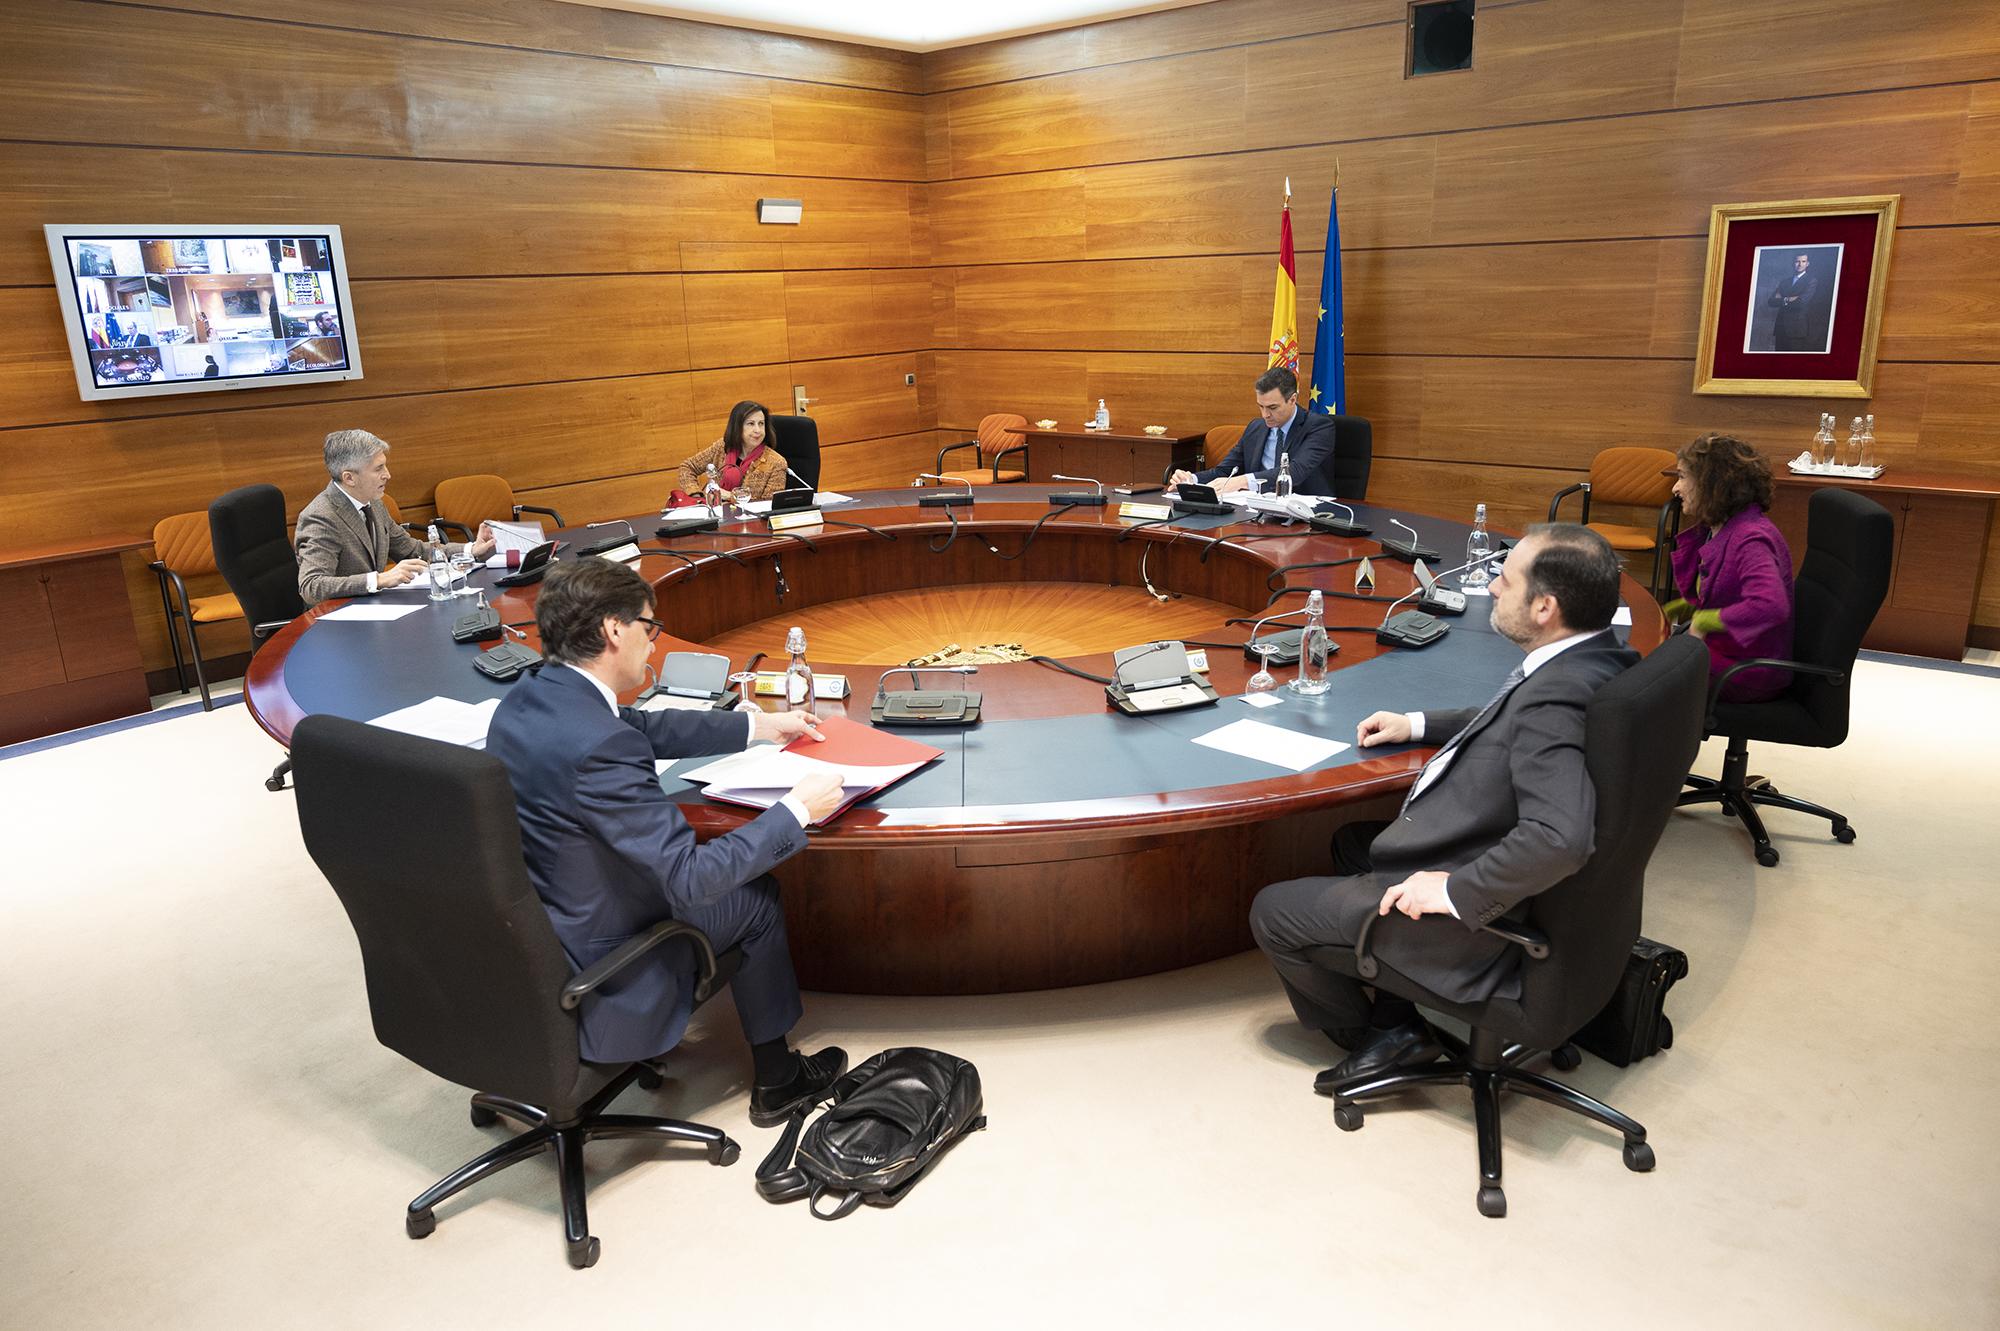 El presidente del Gobierno, Pedro Sánchez, durante la reunión del Consejo de Ministros celebrada en La Moncloa. Pool Moncloa / Borja Puig de la Bellacasa.